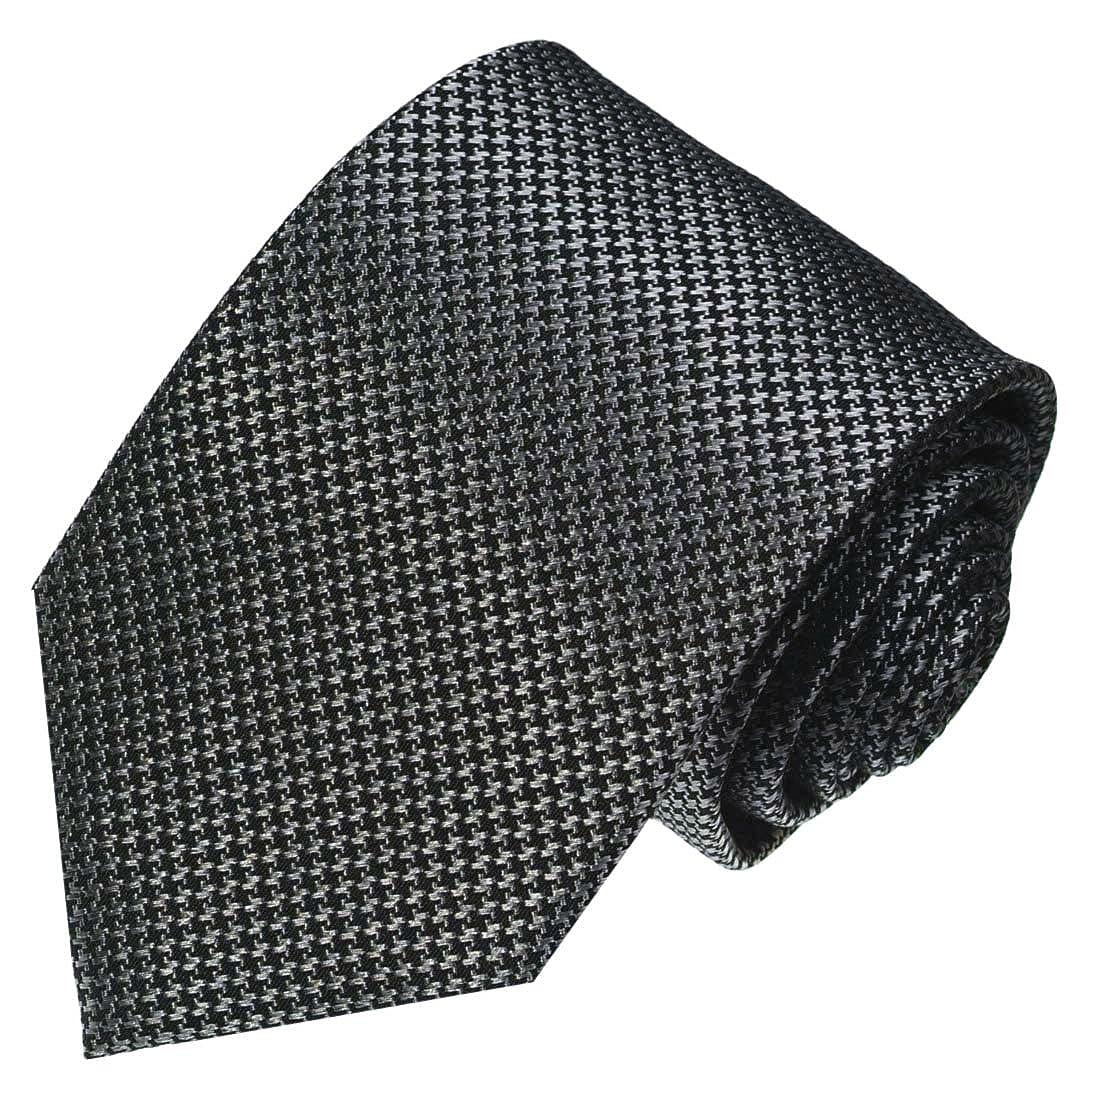 LORENZO CANA - Original marcas corbata de 100% seda con estampado ...